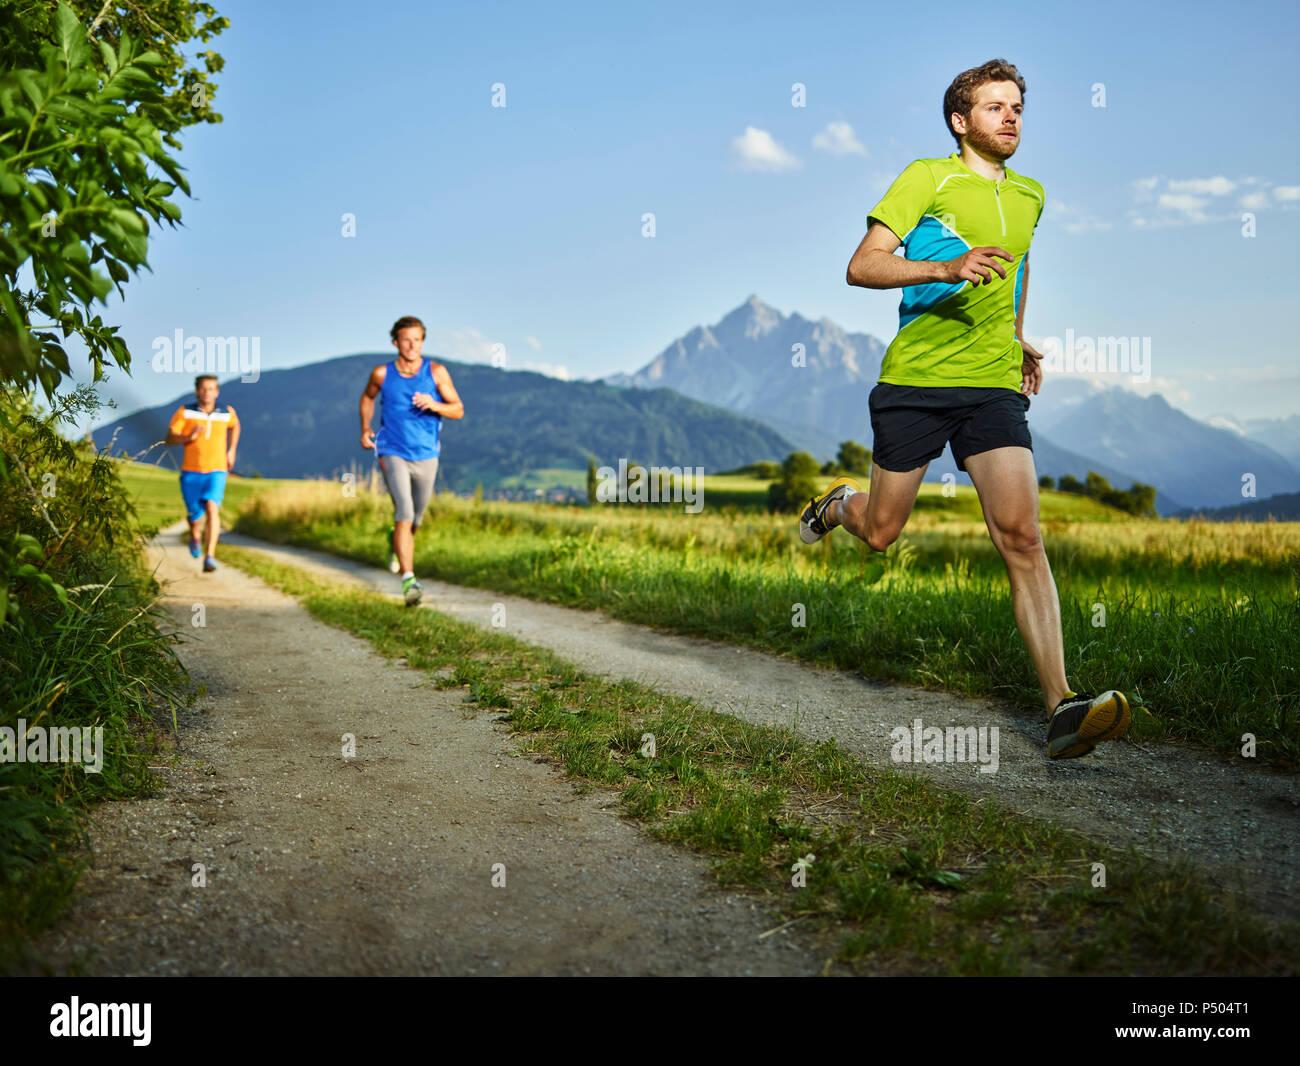 Les athlètes s'exécutant sur Trajectoire du champ Photo Stock